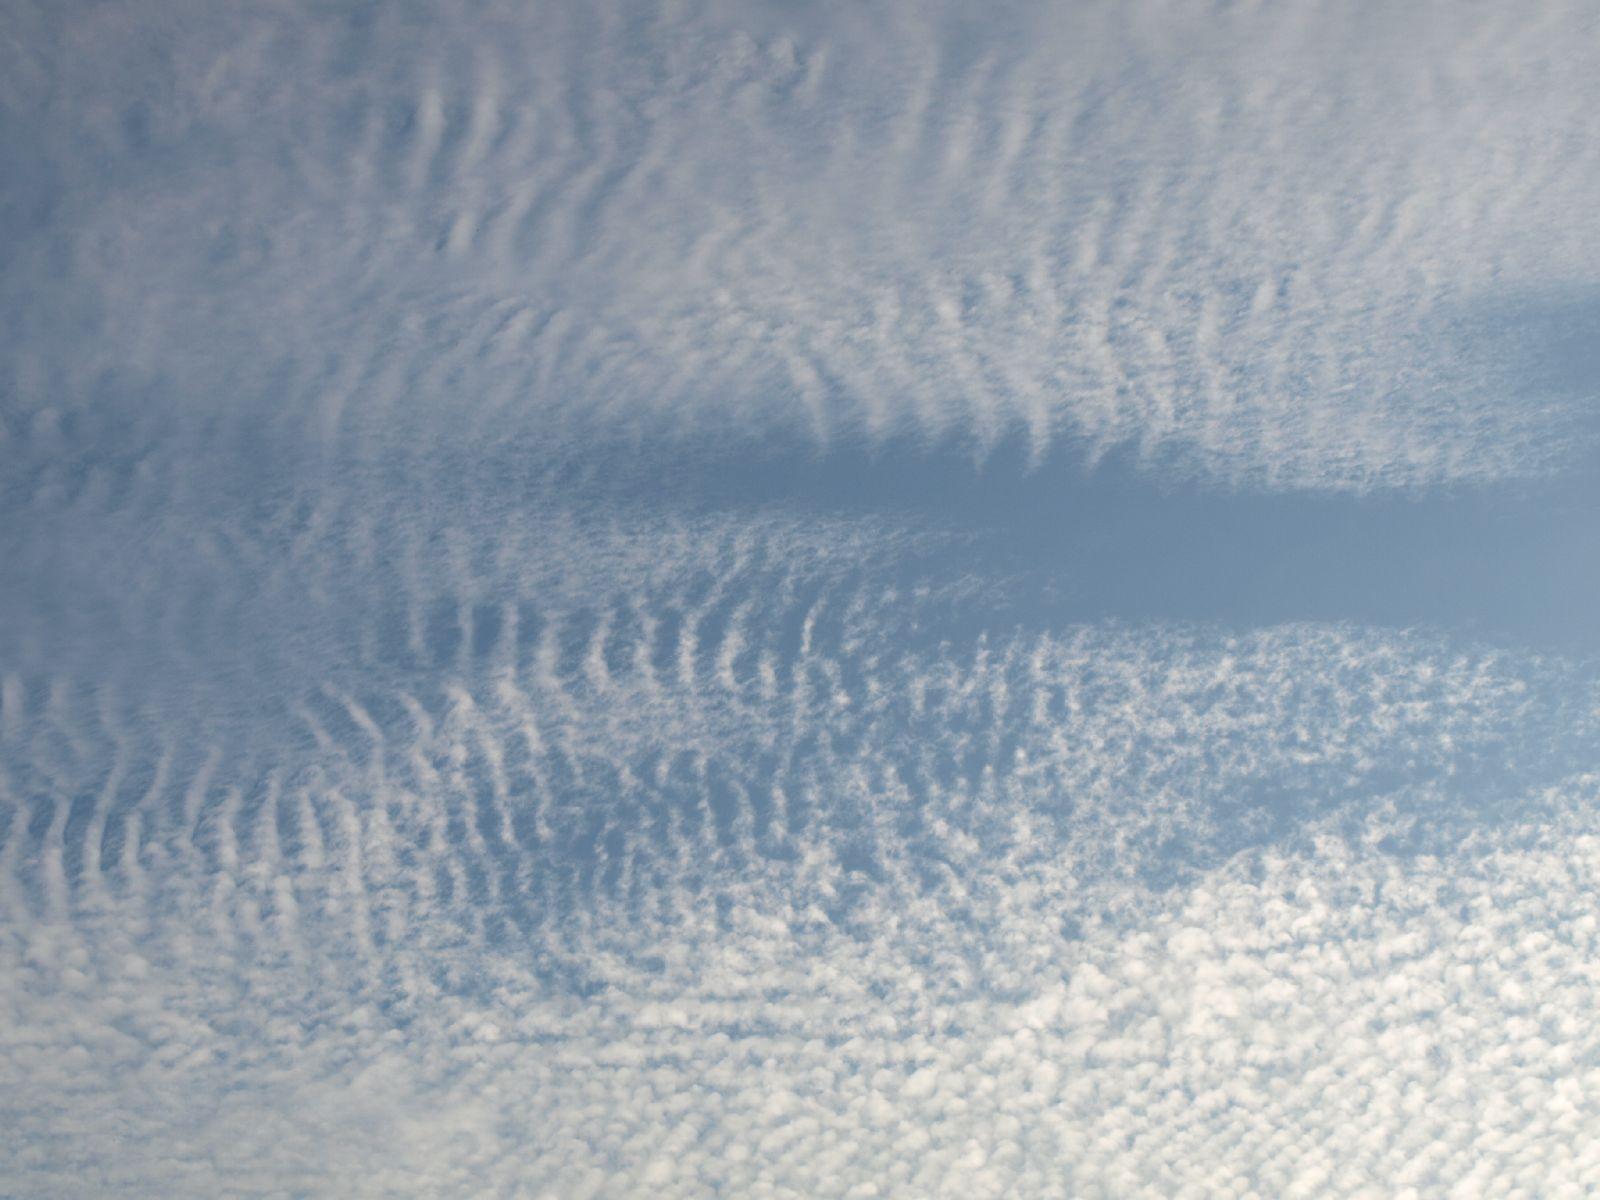 Himmel-Wolken-Foto_Textur_A_P8214560